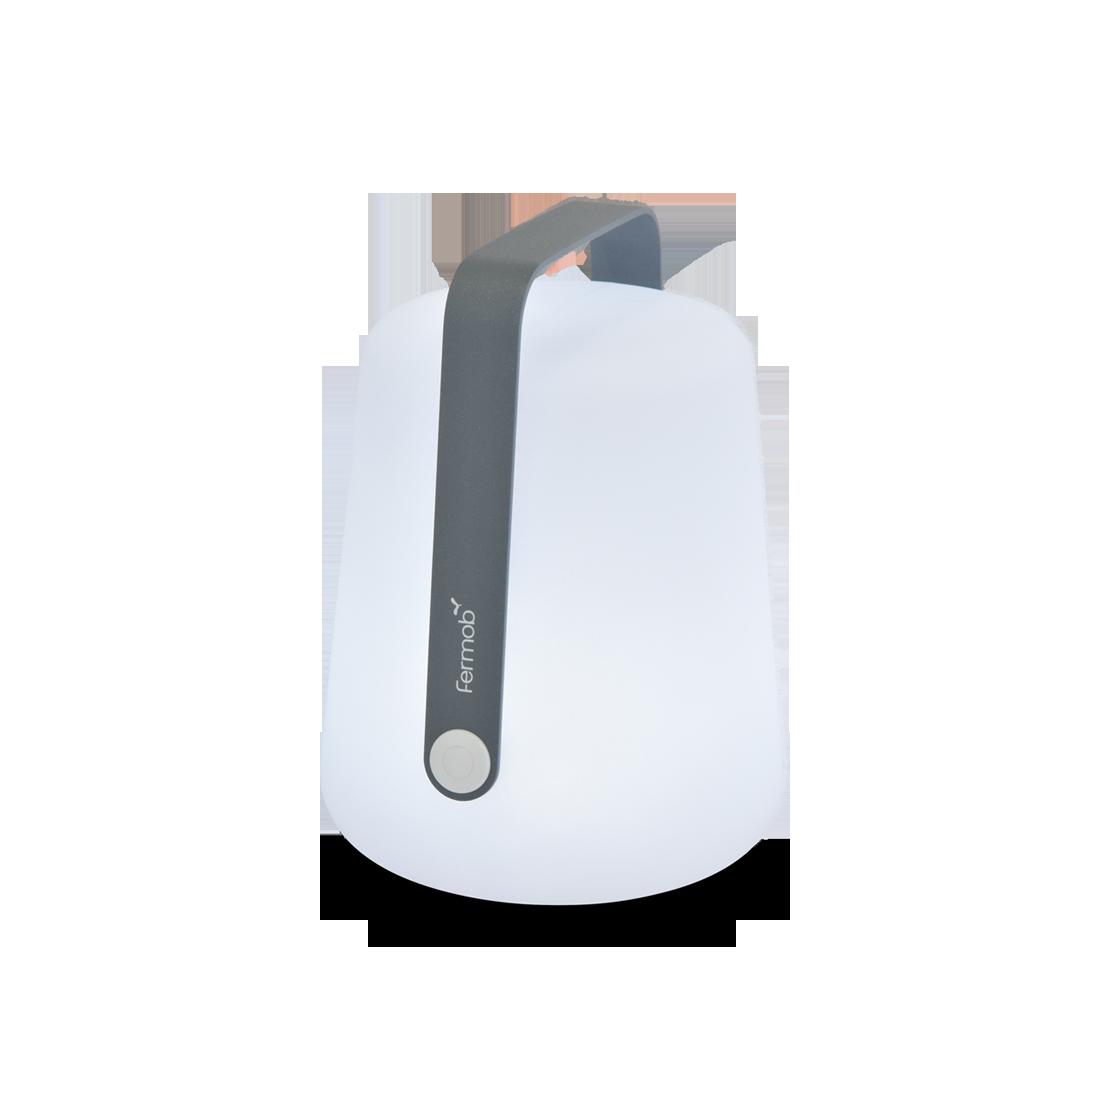 Lampe Balad H 25 Cm Lampe Nomade